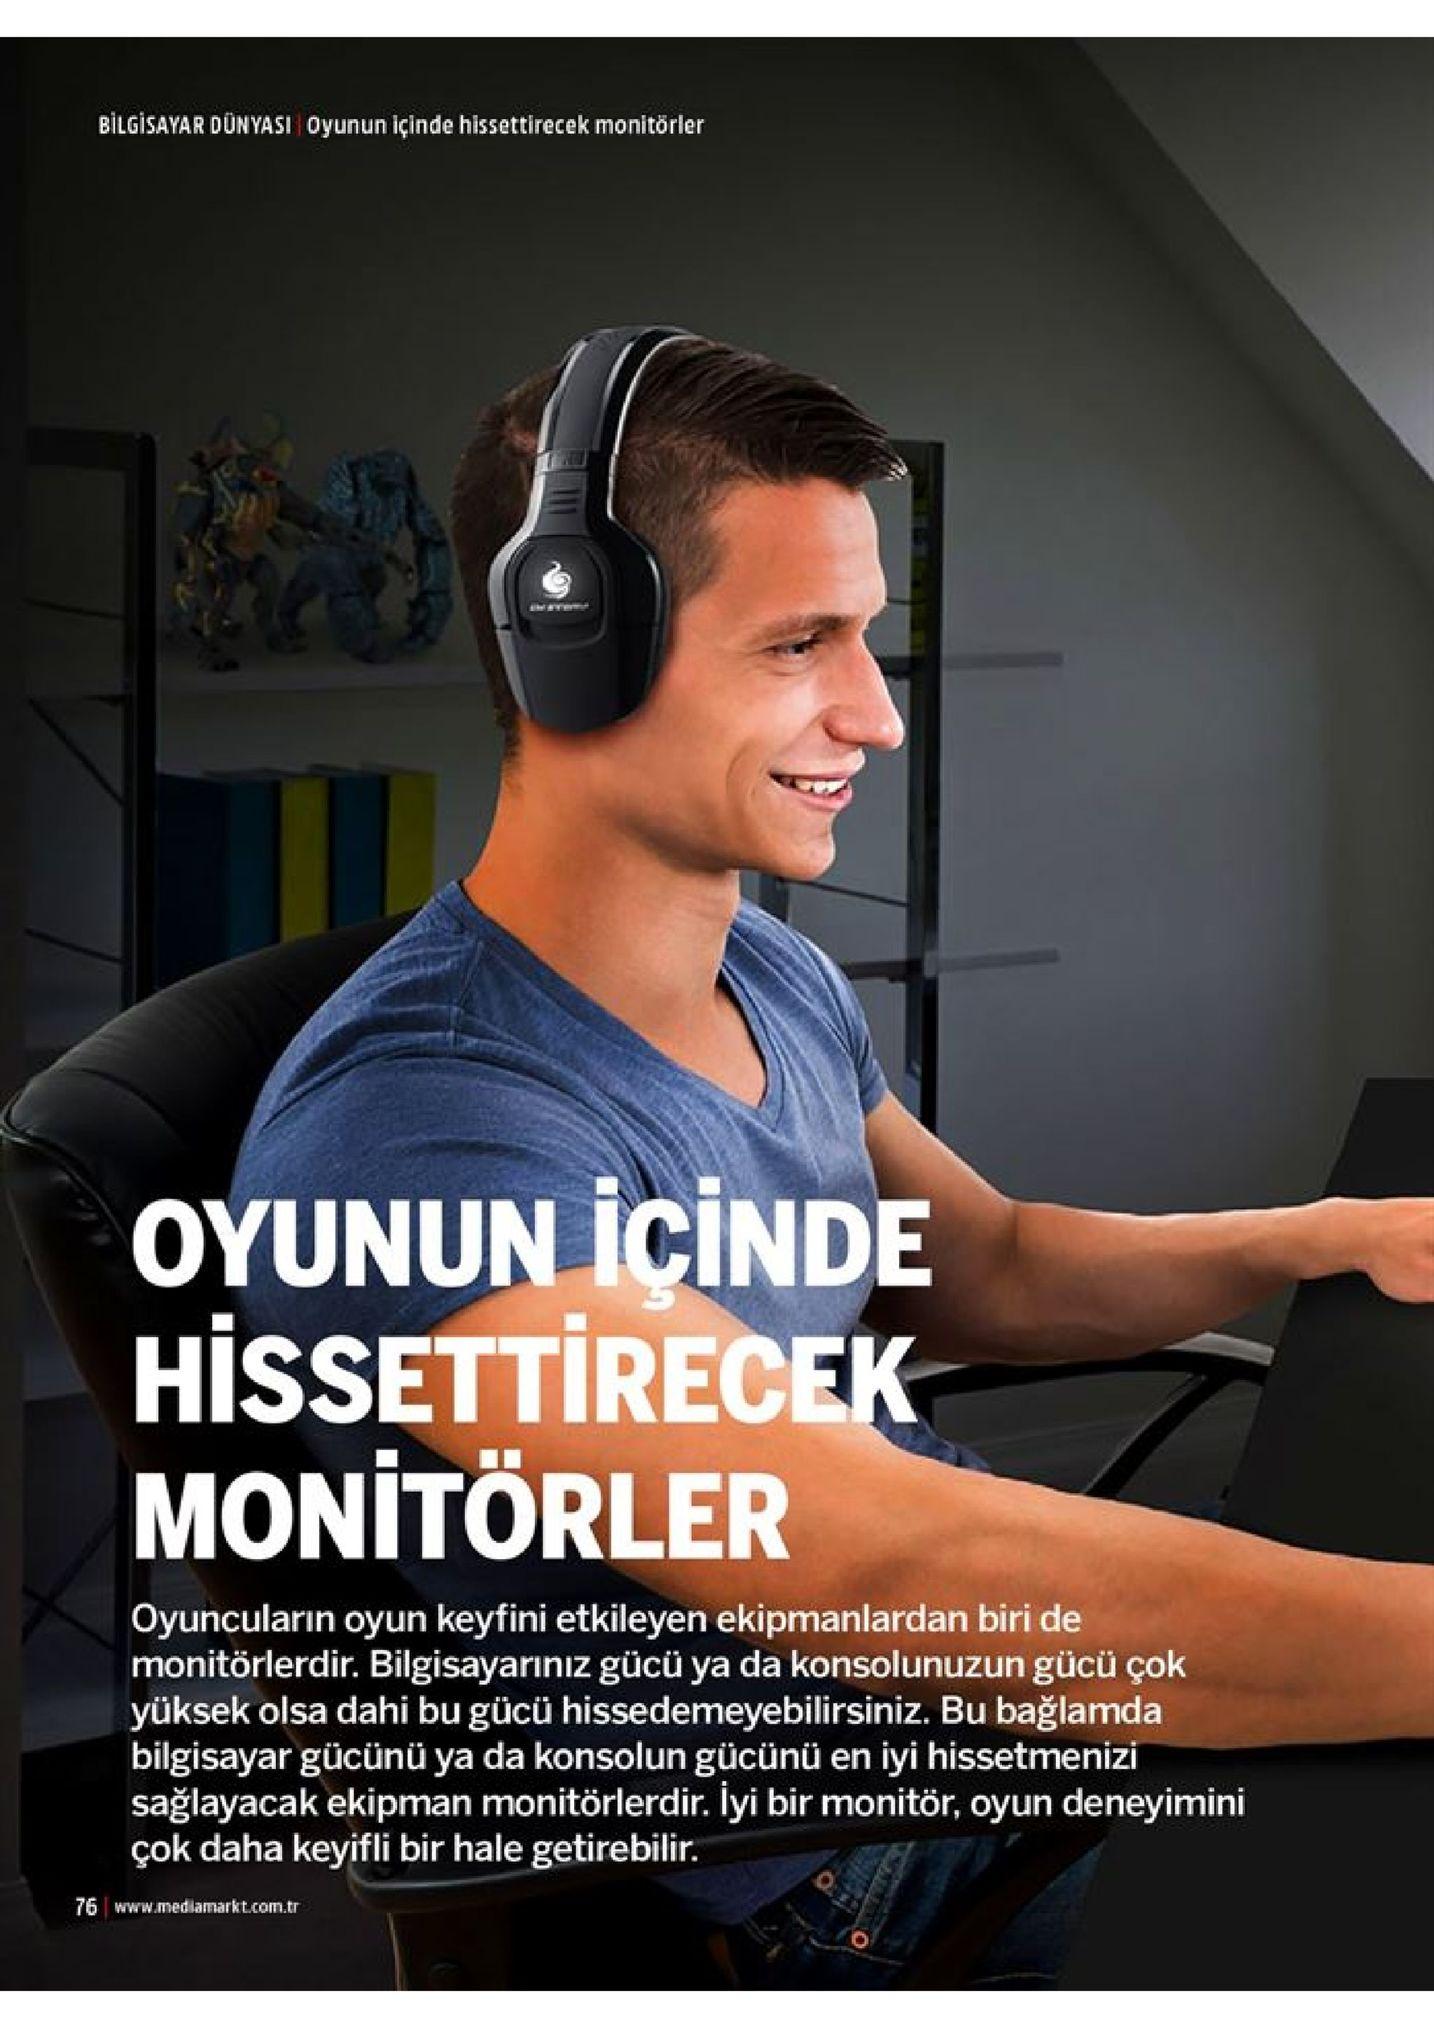 bilgisayar dünyasi oyunun içinde hissettirecek monitörler oyunun icinde hissettirecek monitorler oyuncuların oyun keyfini etkileyen ekipmanlardan biri de monitörlerdir. bilgisayarınız gücü ya da konsolunuzun gücü çok yüksek olsa dahi bu gücü hissedemeyebilirsiniz. bu bağlamda bilgisayar gücünü ya da konsolun gücünü en iyi hissetmenizi sağlayacak ekipman monitörlerdir. lyi bir monitör, oyun deneyimini çok daha keyifli bir hale getirebilir. 76 www.mediamarkt.com.tr